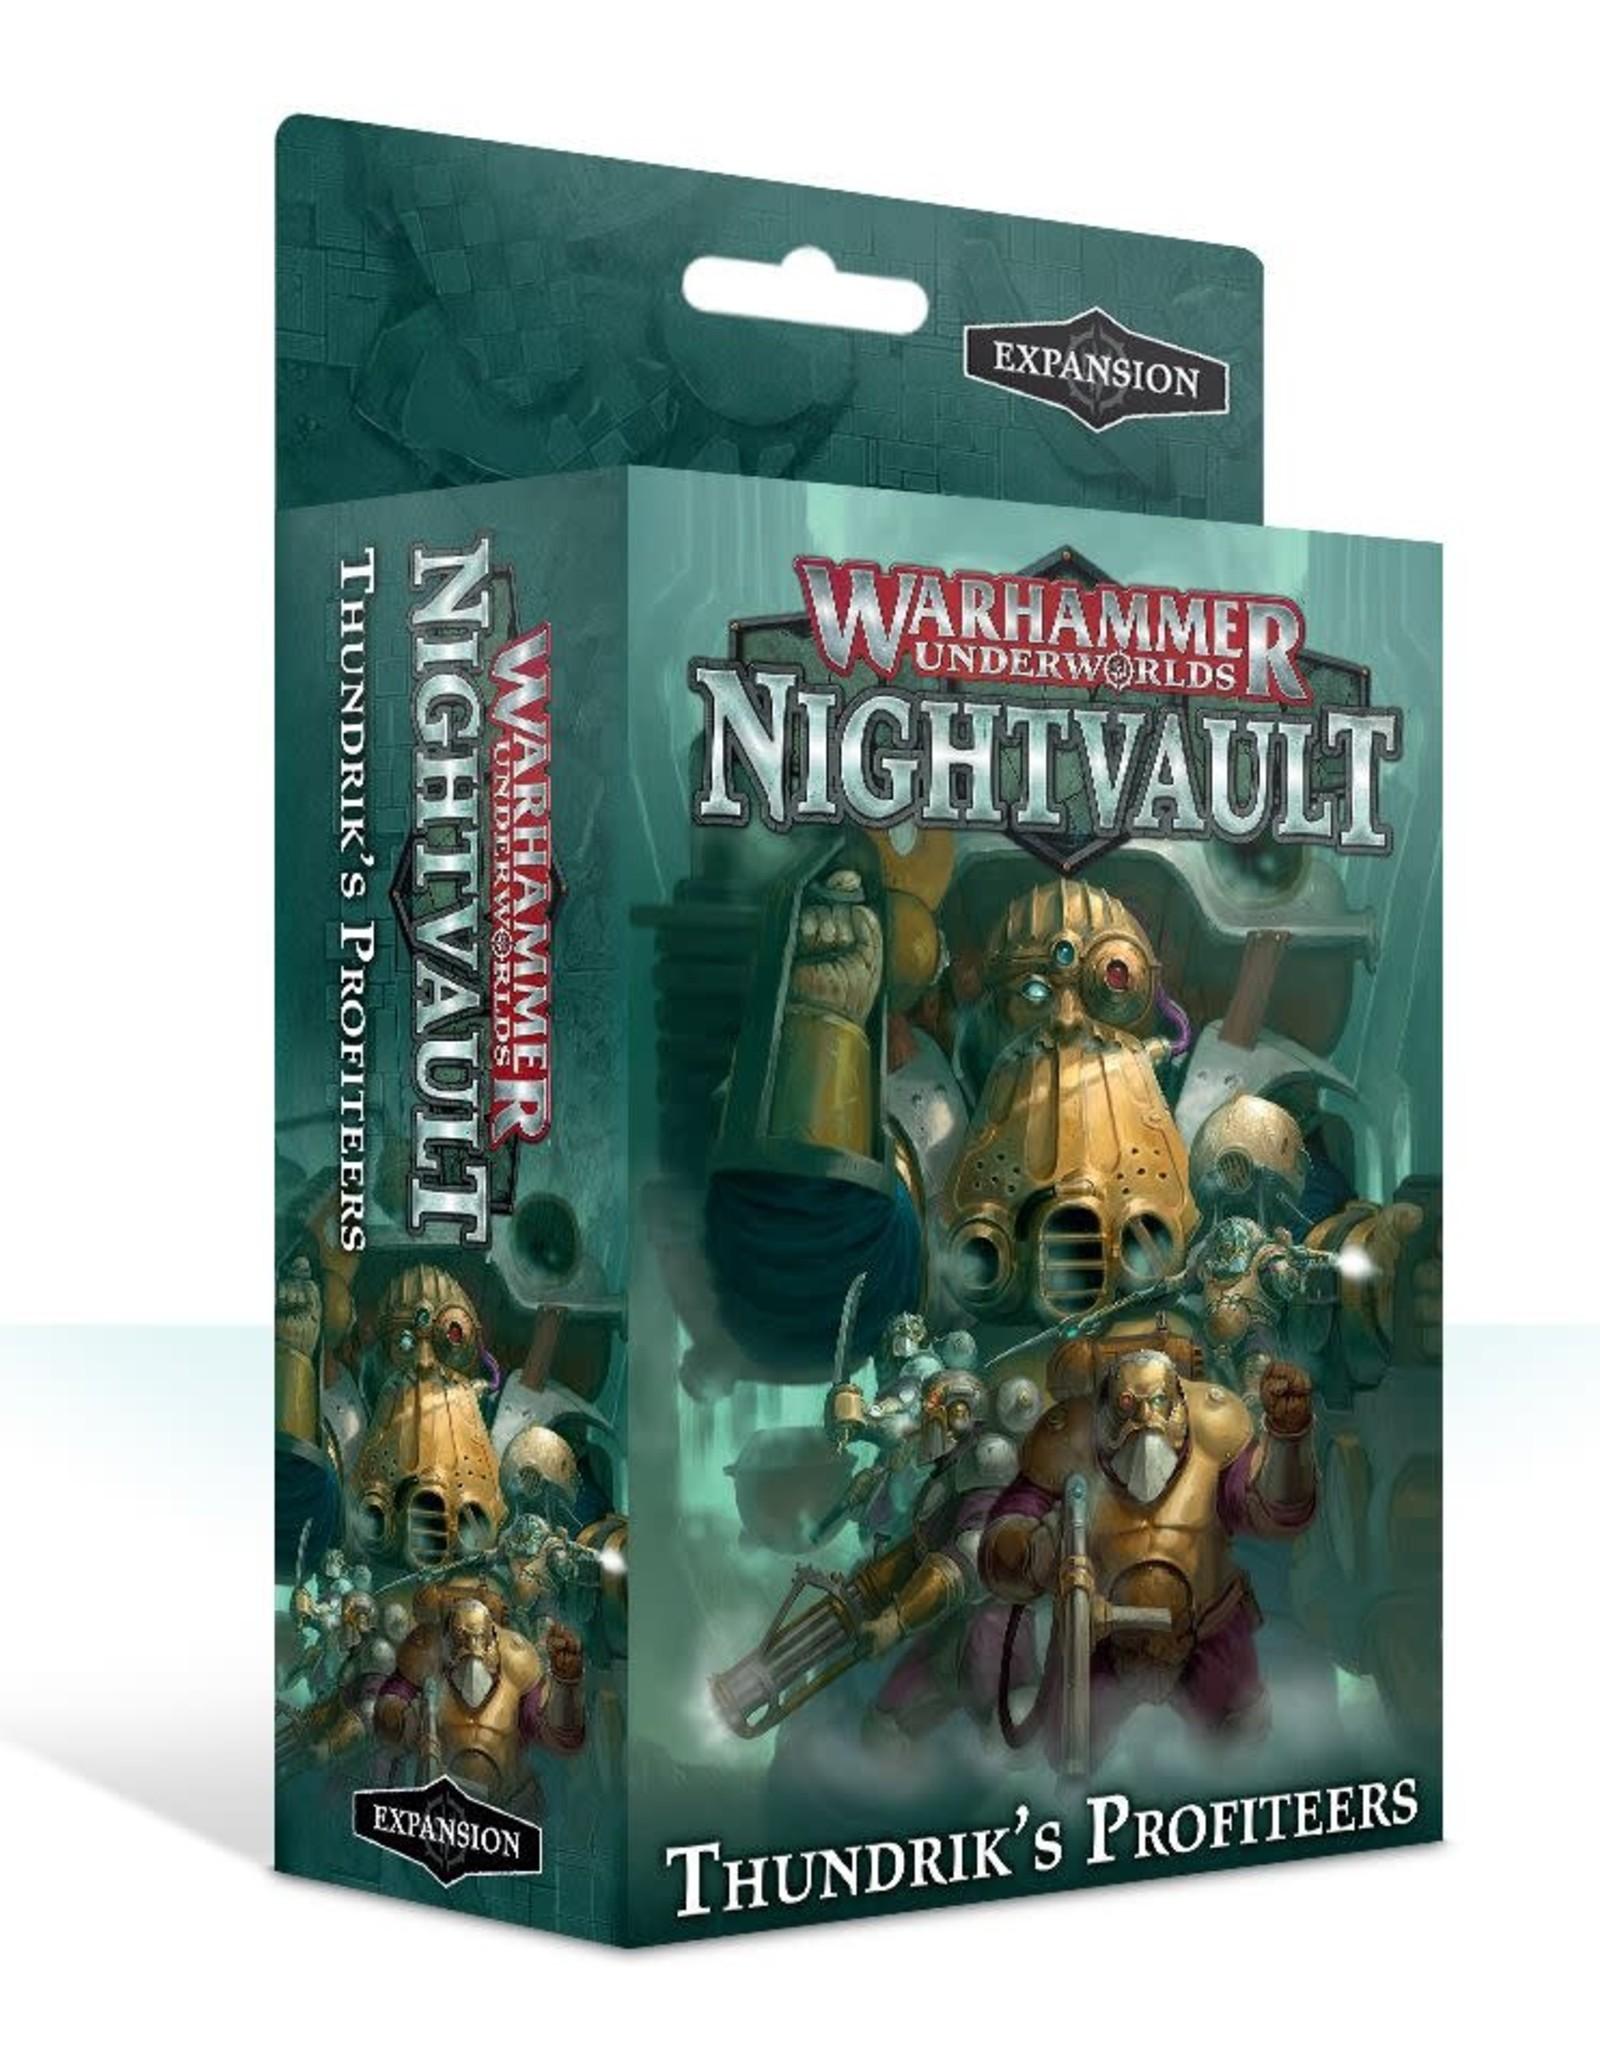 Warhammer Underworlds Warhammer Underworlds: Thundrik's Profiteers